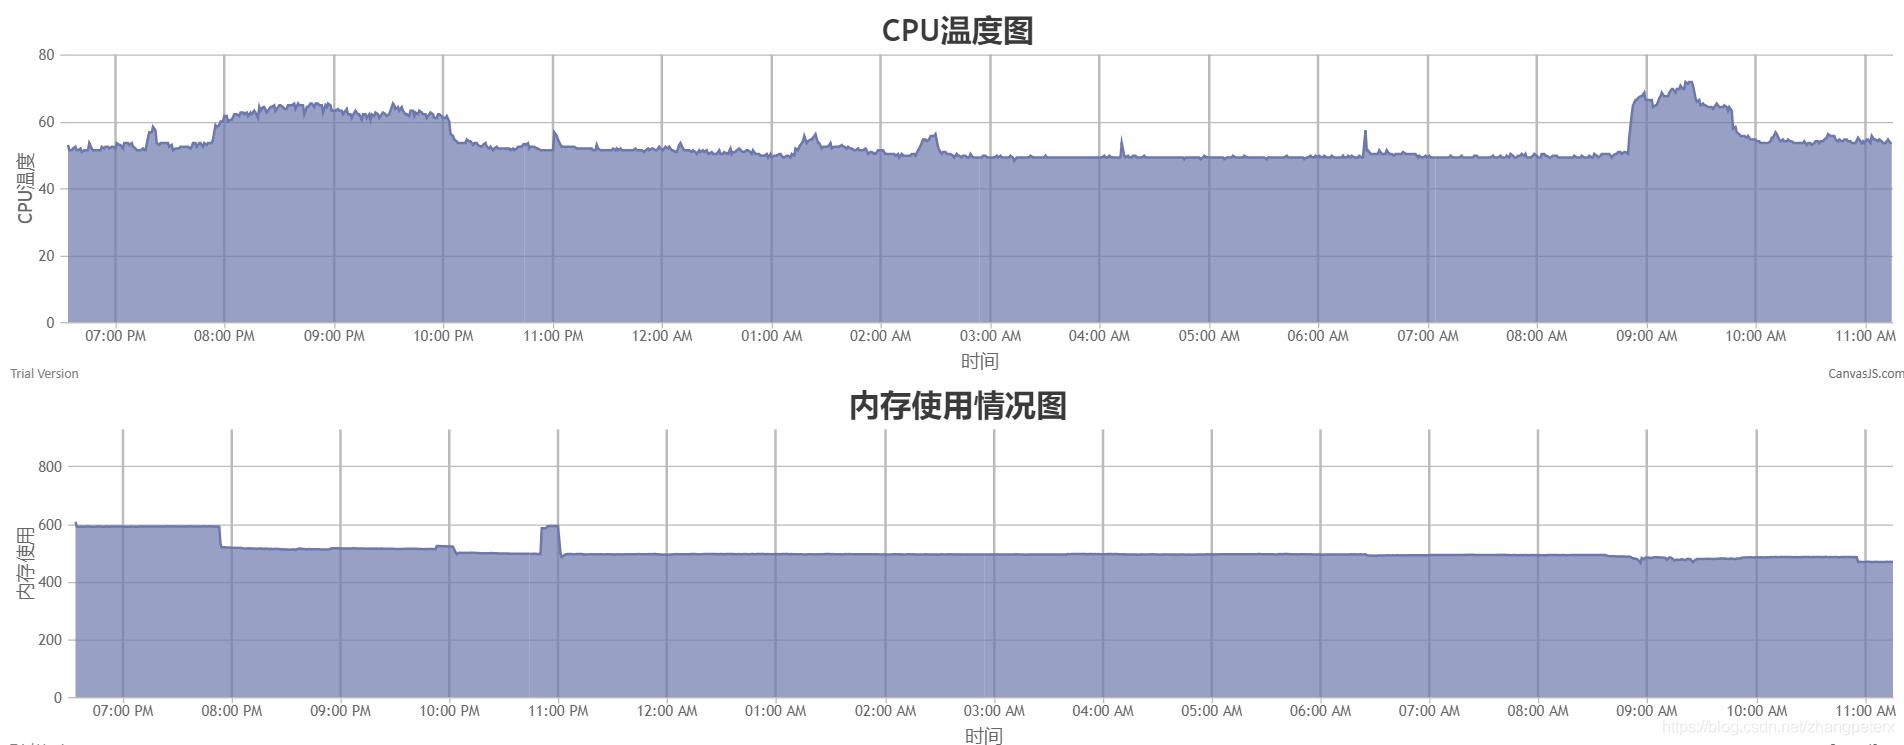 打造自己的树莓派监控系统3--canvas js绘制数据- zhangpeterx的